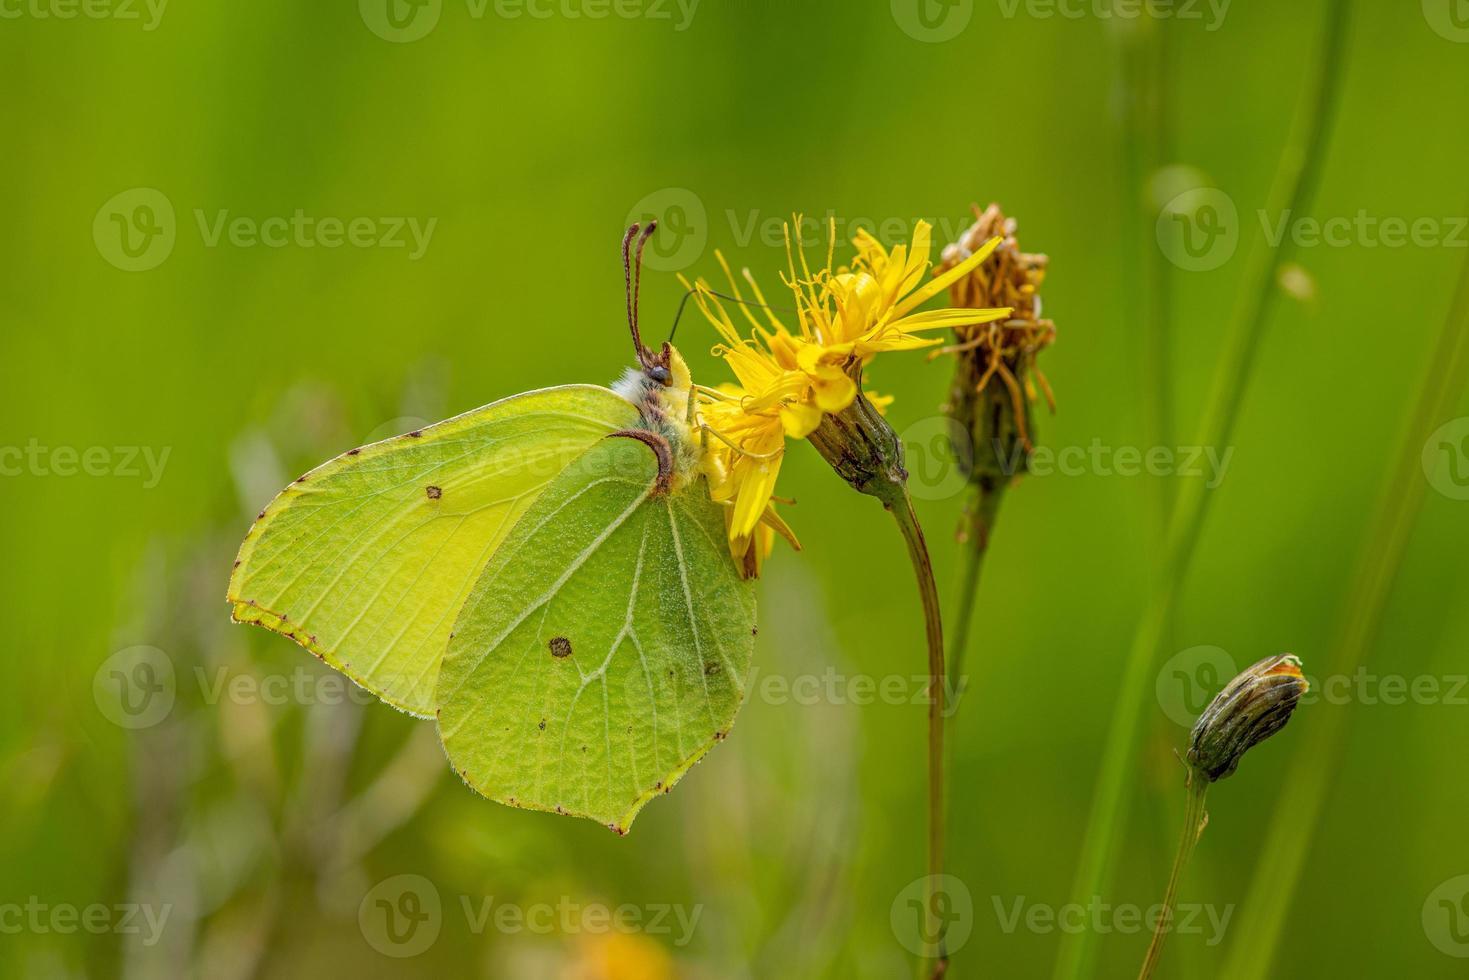 närbild av en svavelfjäril på en gul blomma foto